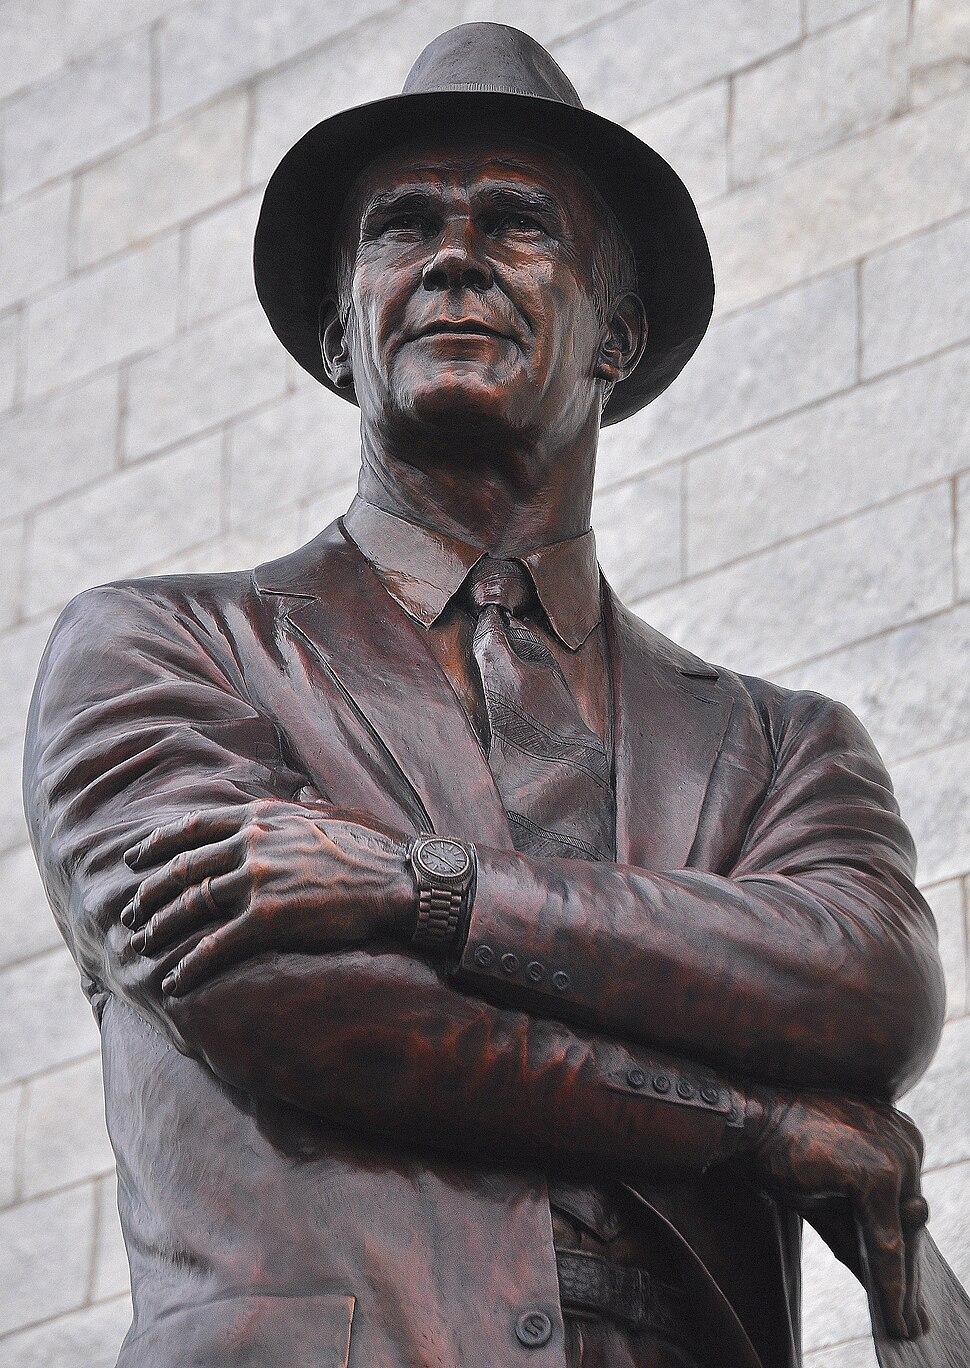 Tom Landry sculpture